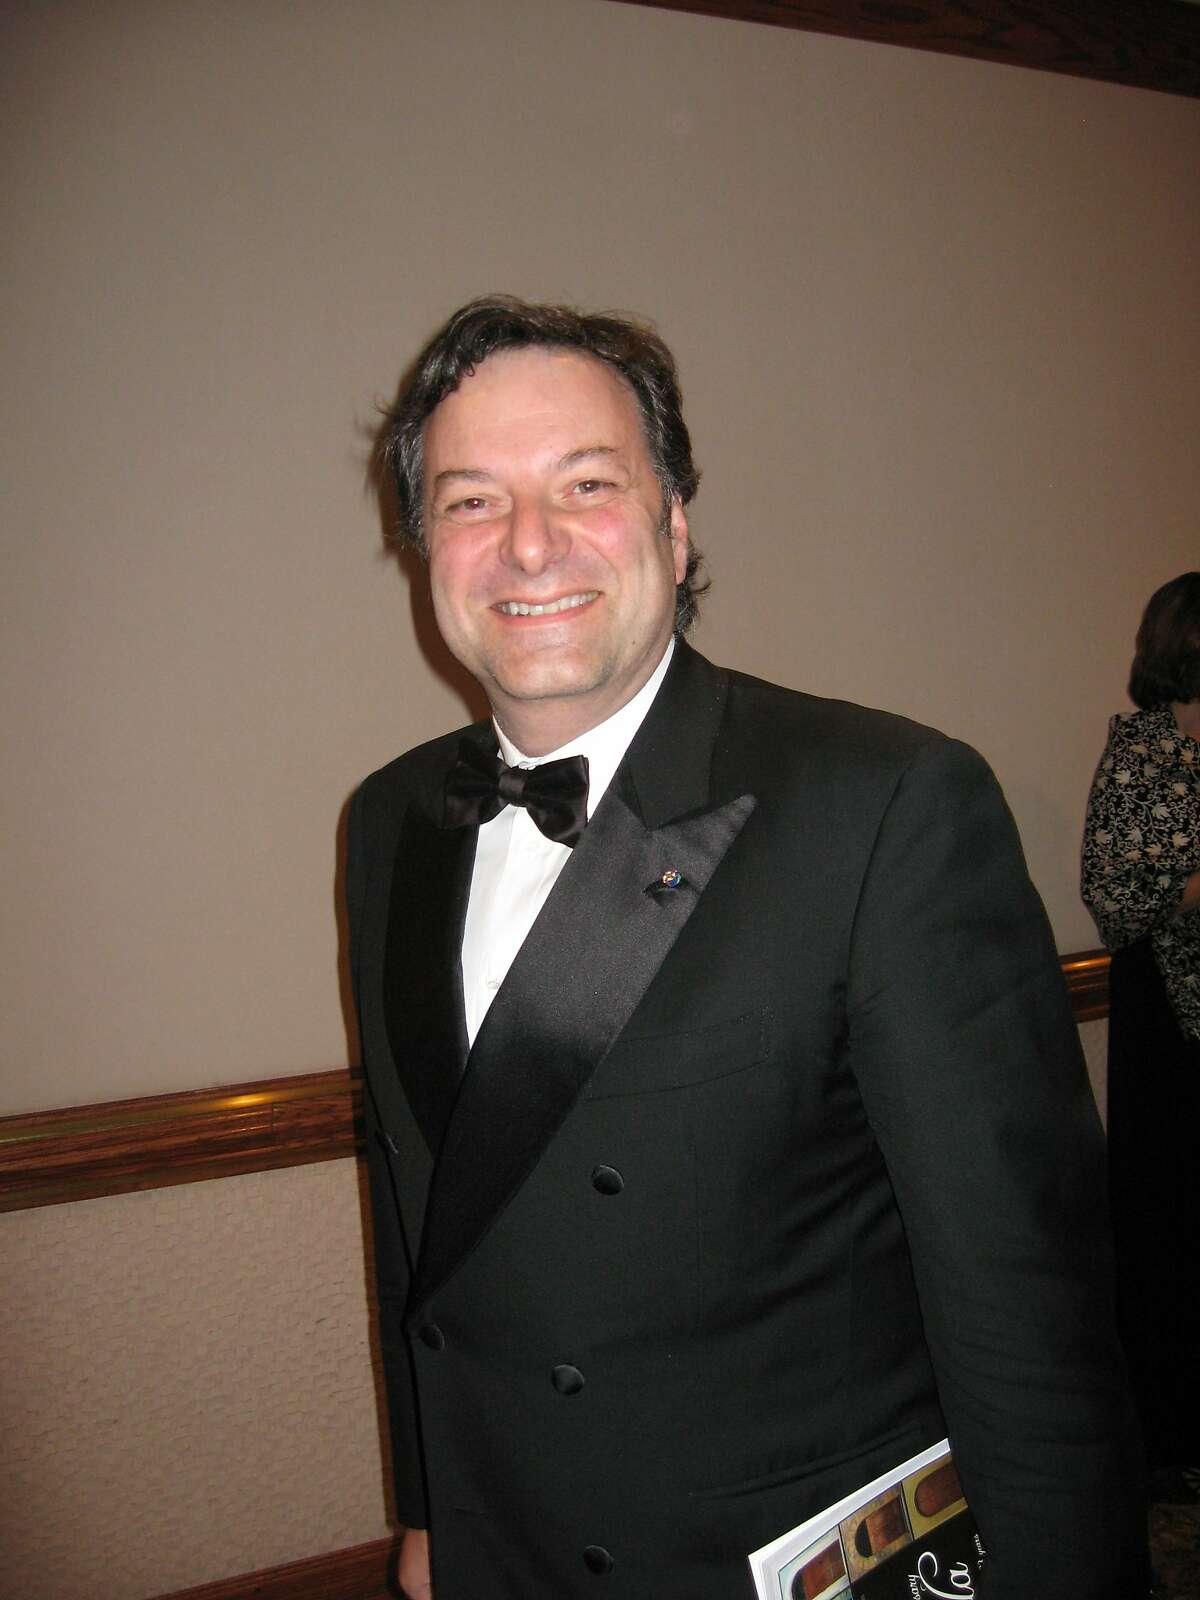 Jeff Capaccio at a Silicon Valley Italian Executive Council event.